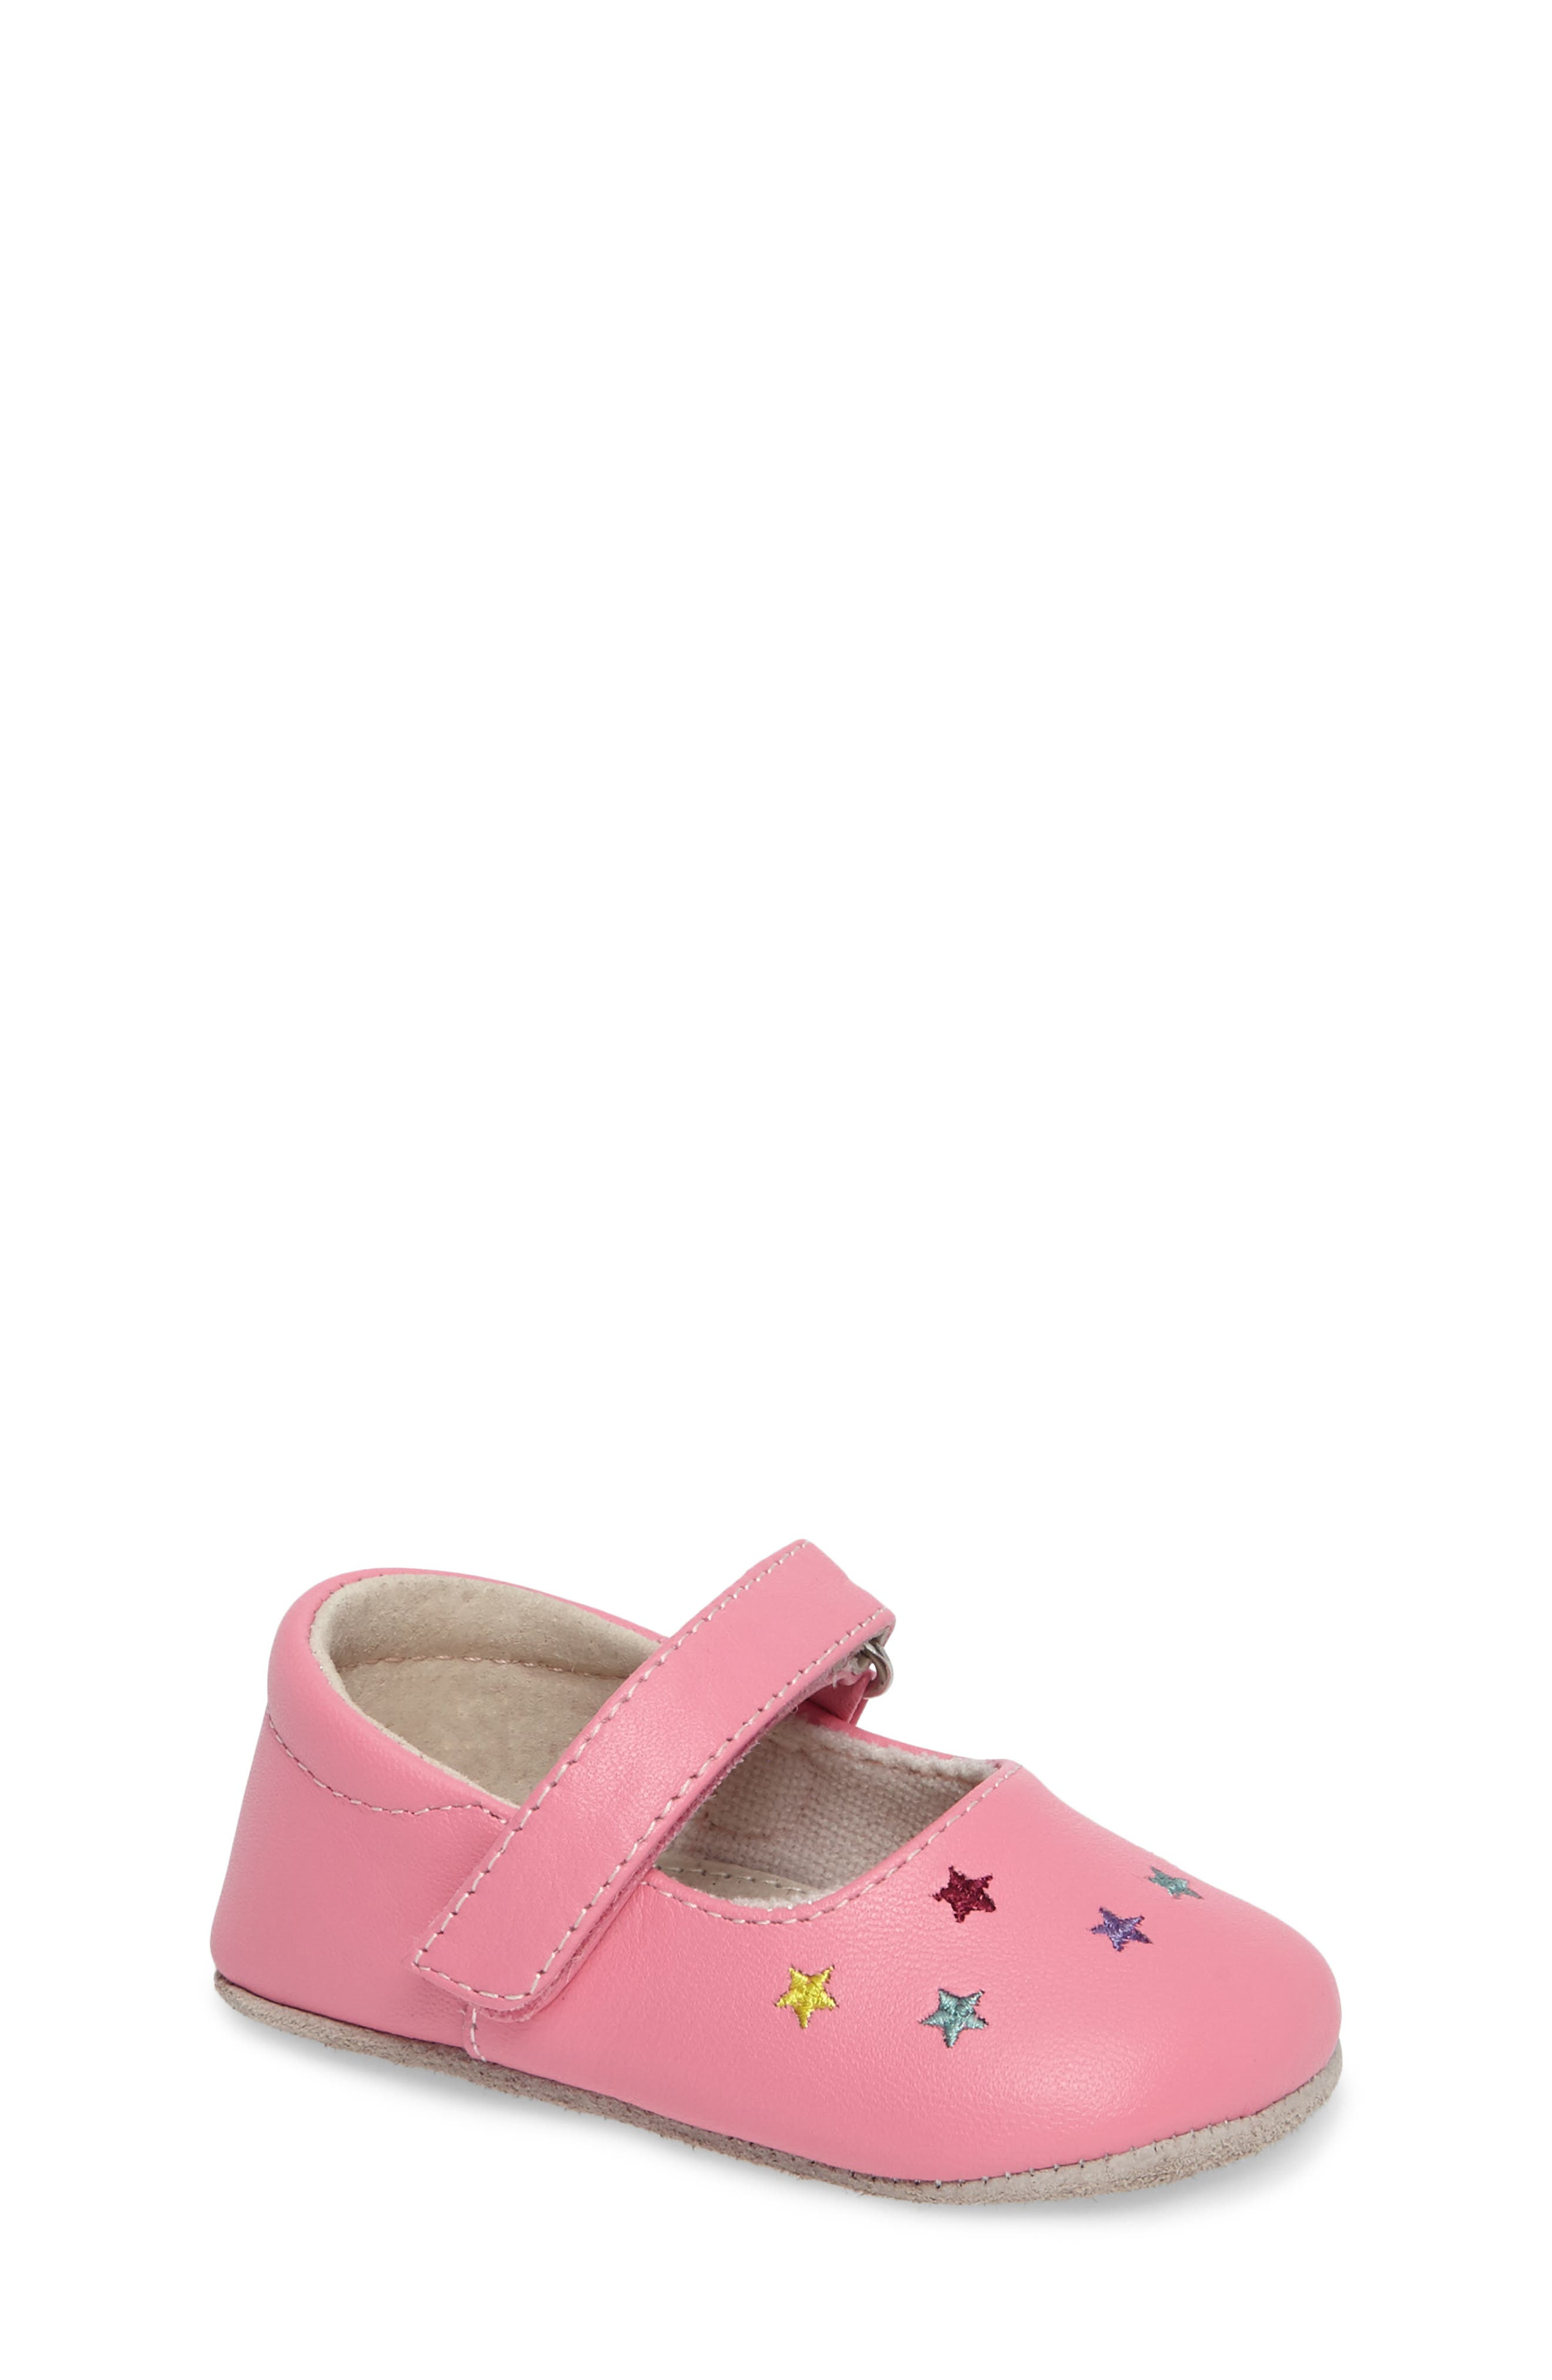 SEE KAI RUN Harriet Mary Jane Crib Shoe